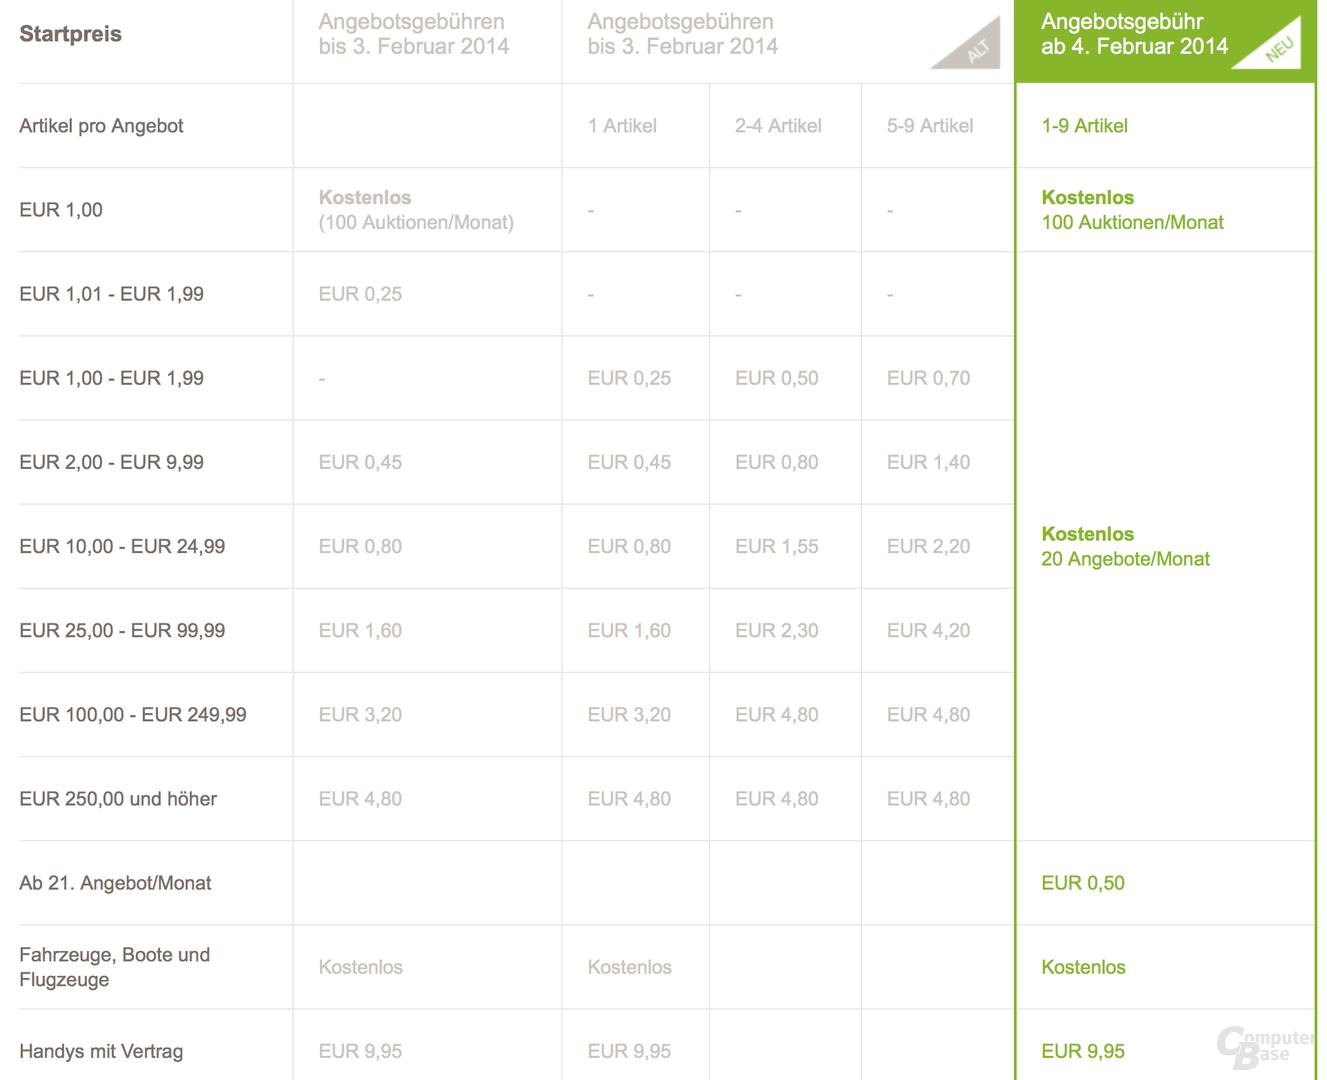 eBays neues Gebührenmodell für private Nutzer ab 4. Februar 2014